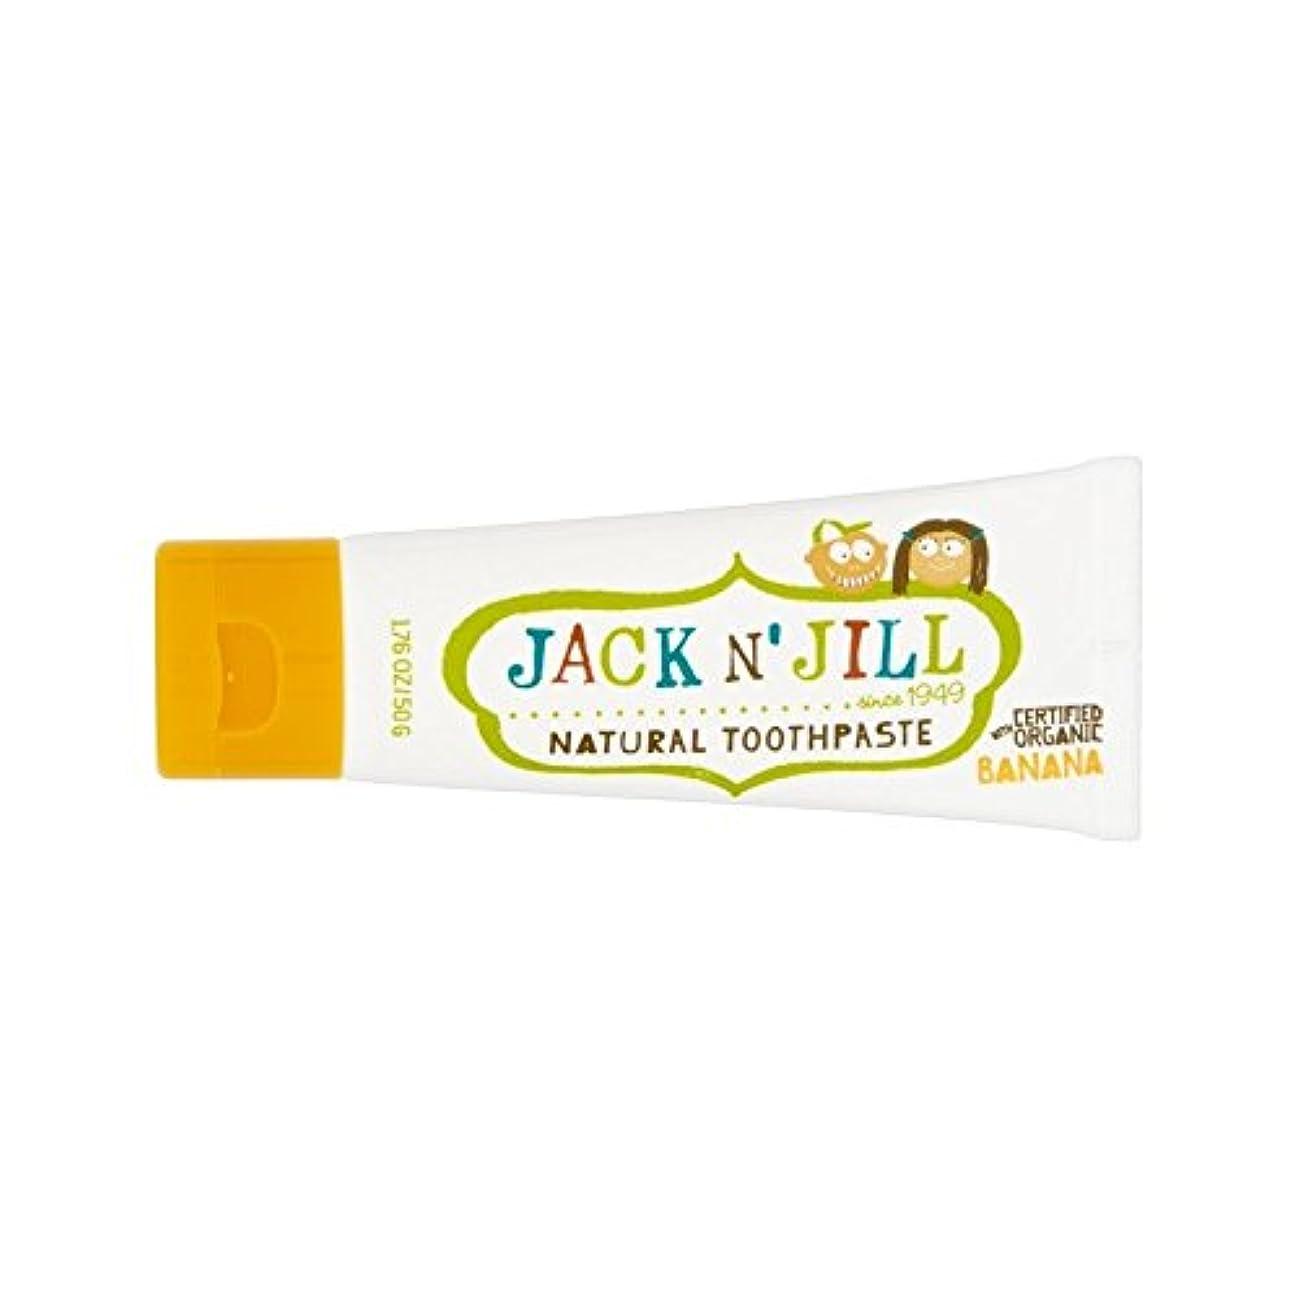 私達自発推測有機香味50グラムと自然バナナ歯磨き粉 (Jack N Jill) (x 4) - Jack N' Jill Banana Toothpaste Natural with Organic Flavouring 50g (...